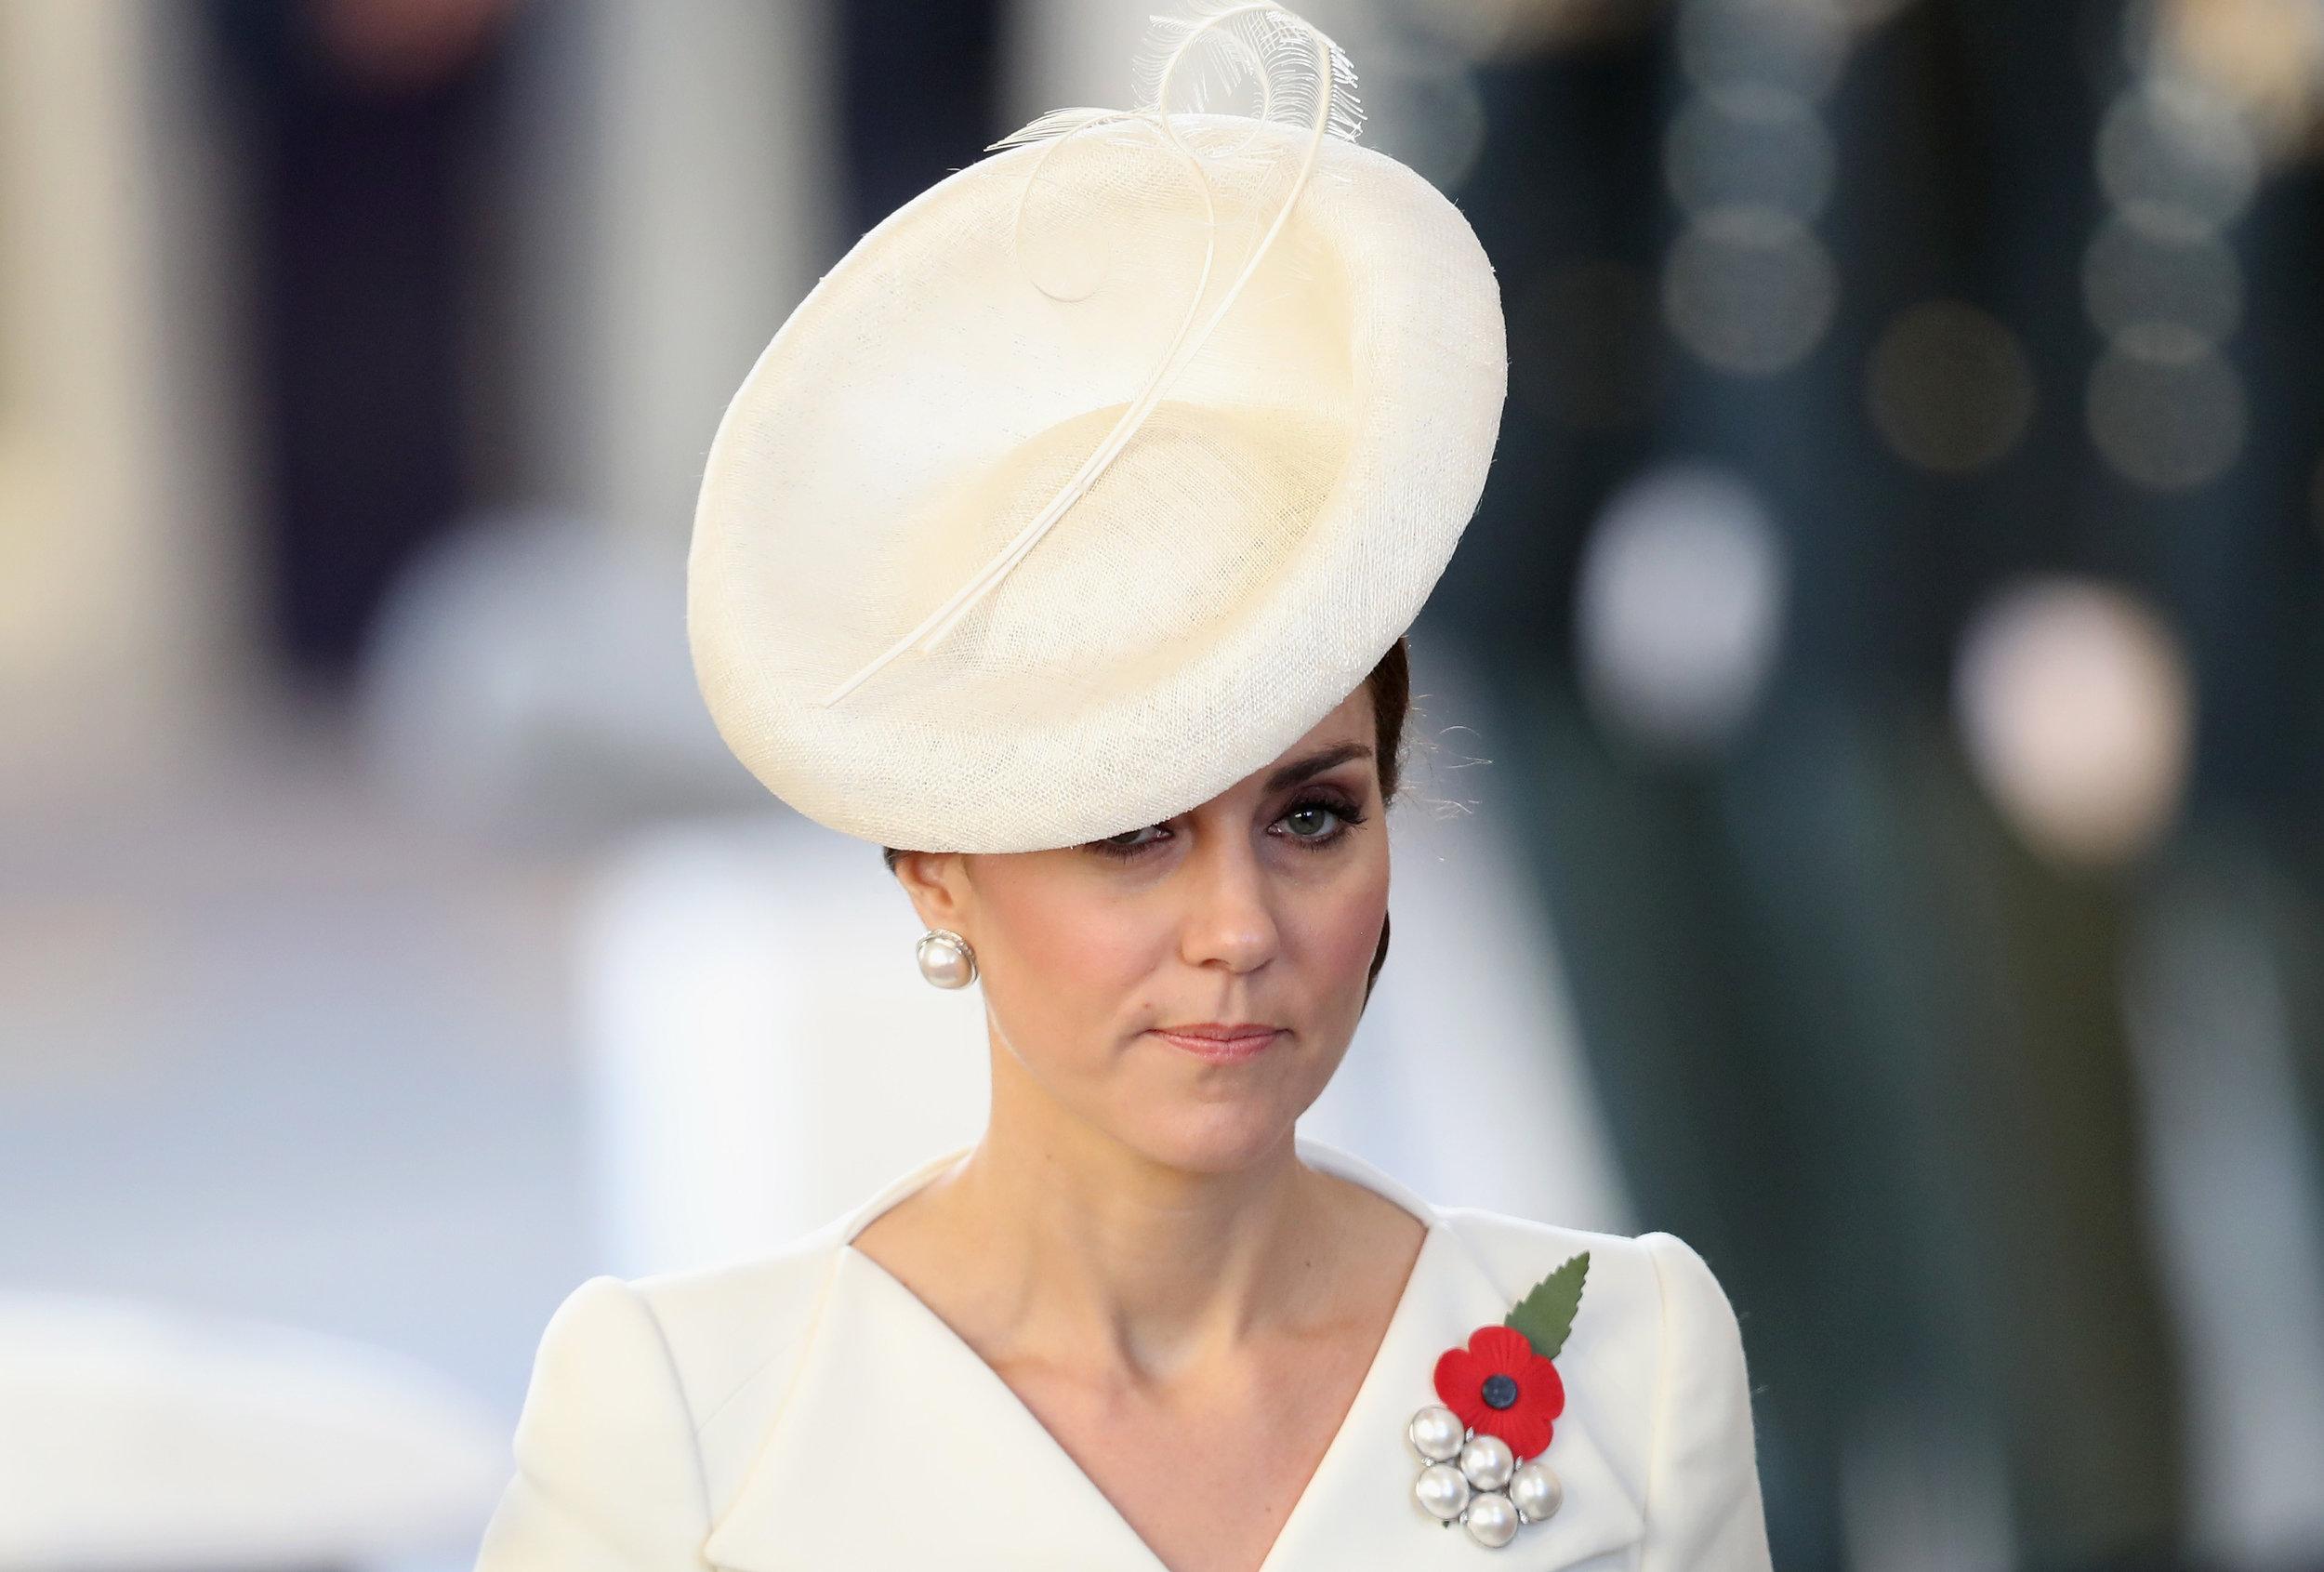 Diese gemeine Kritik hat die schwangere Kate nicht verdient   Foto: Getty Images